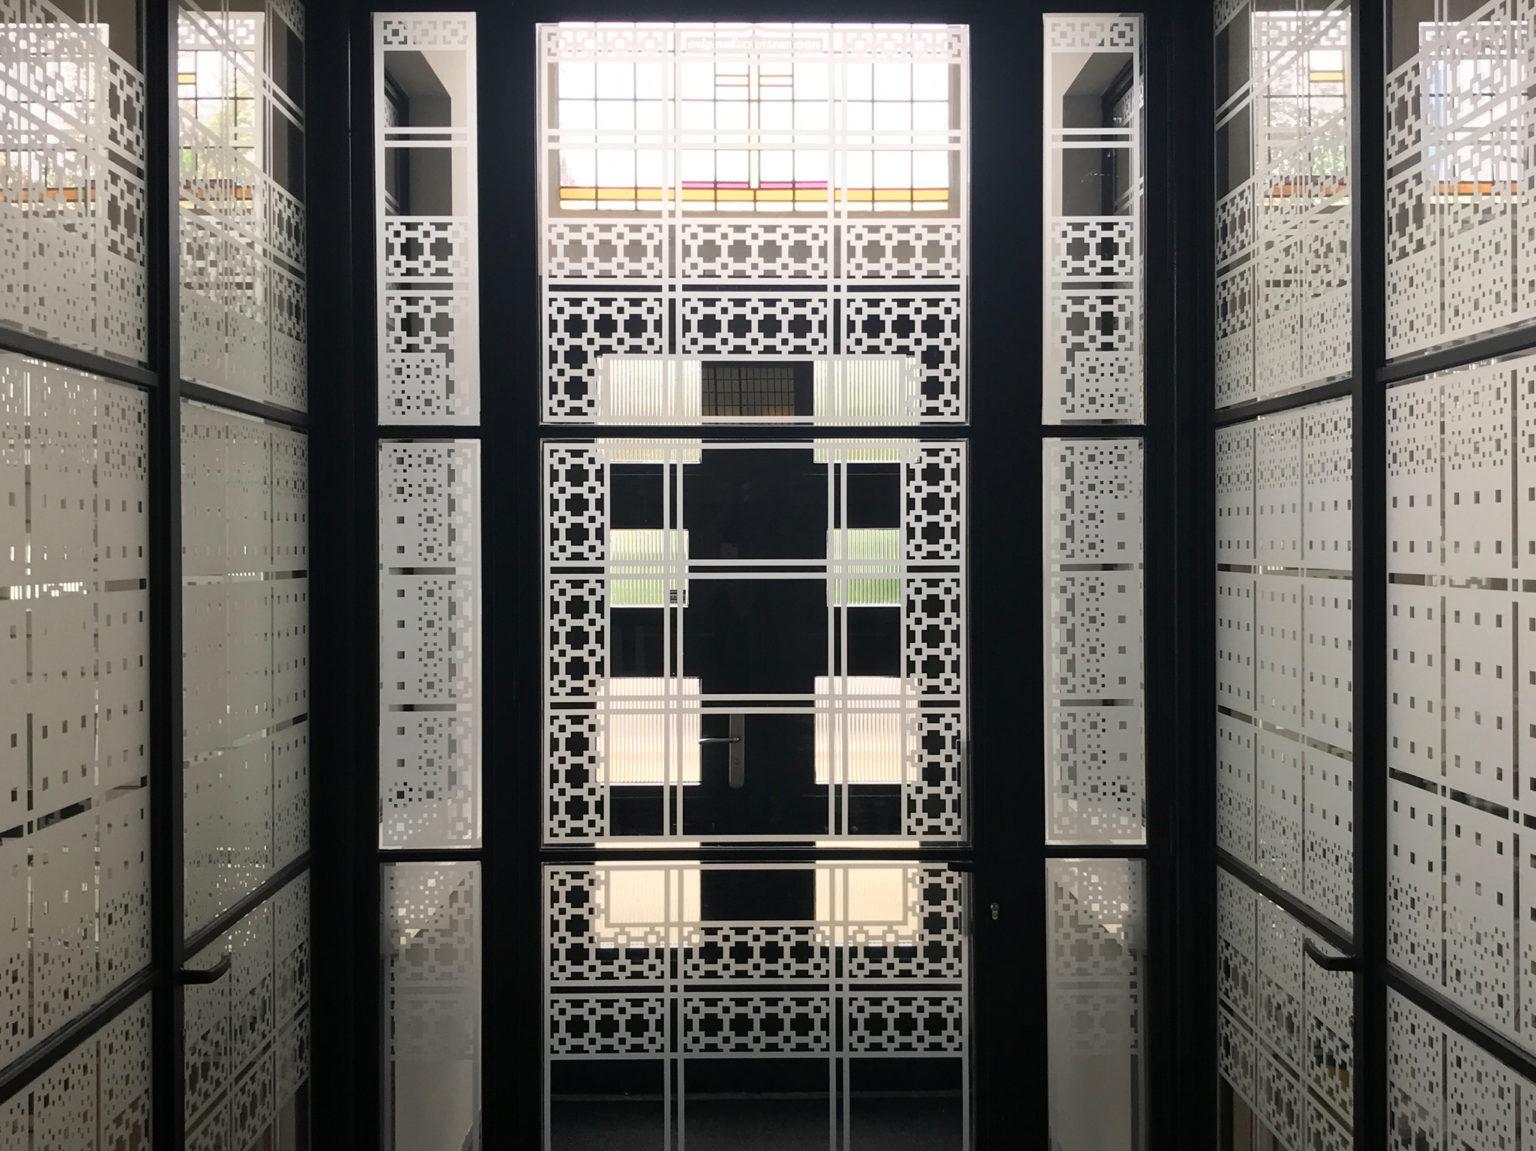 Zicht op entree kantoorvilla met raamfolie patroon